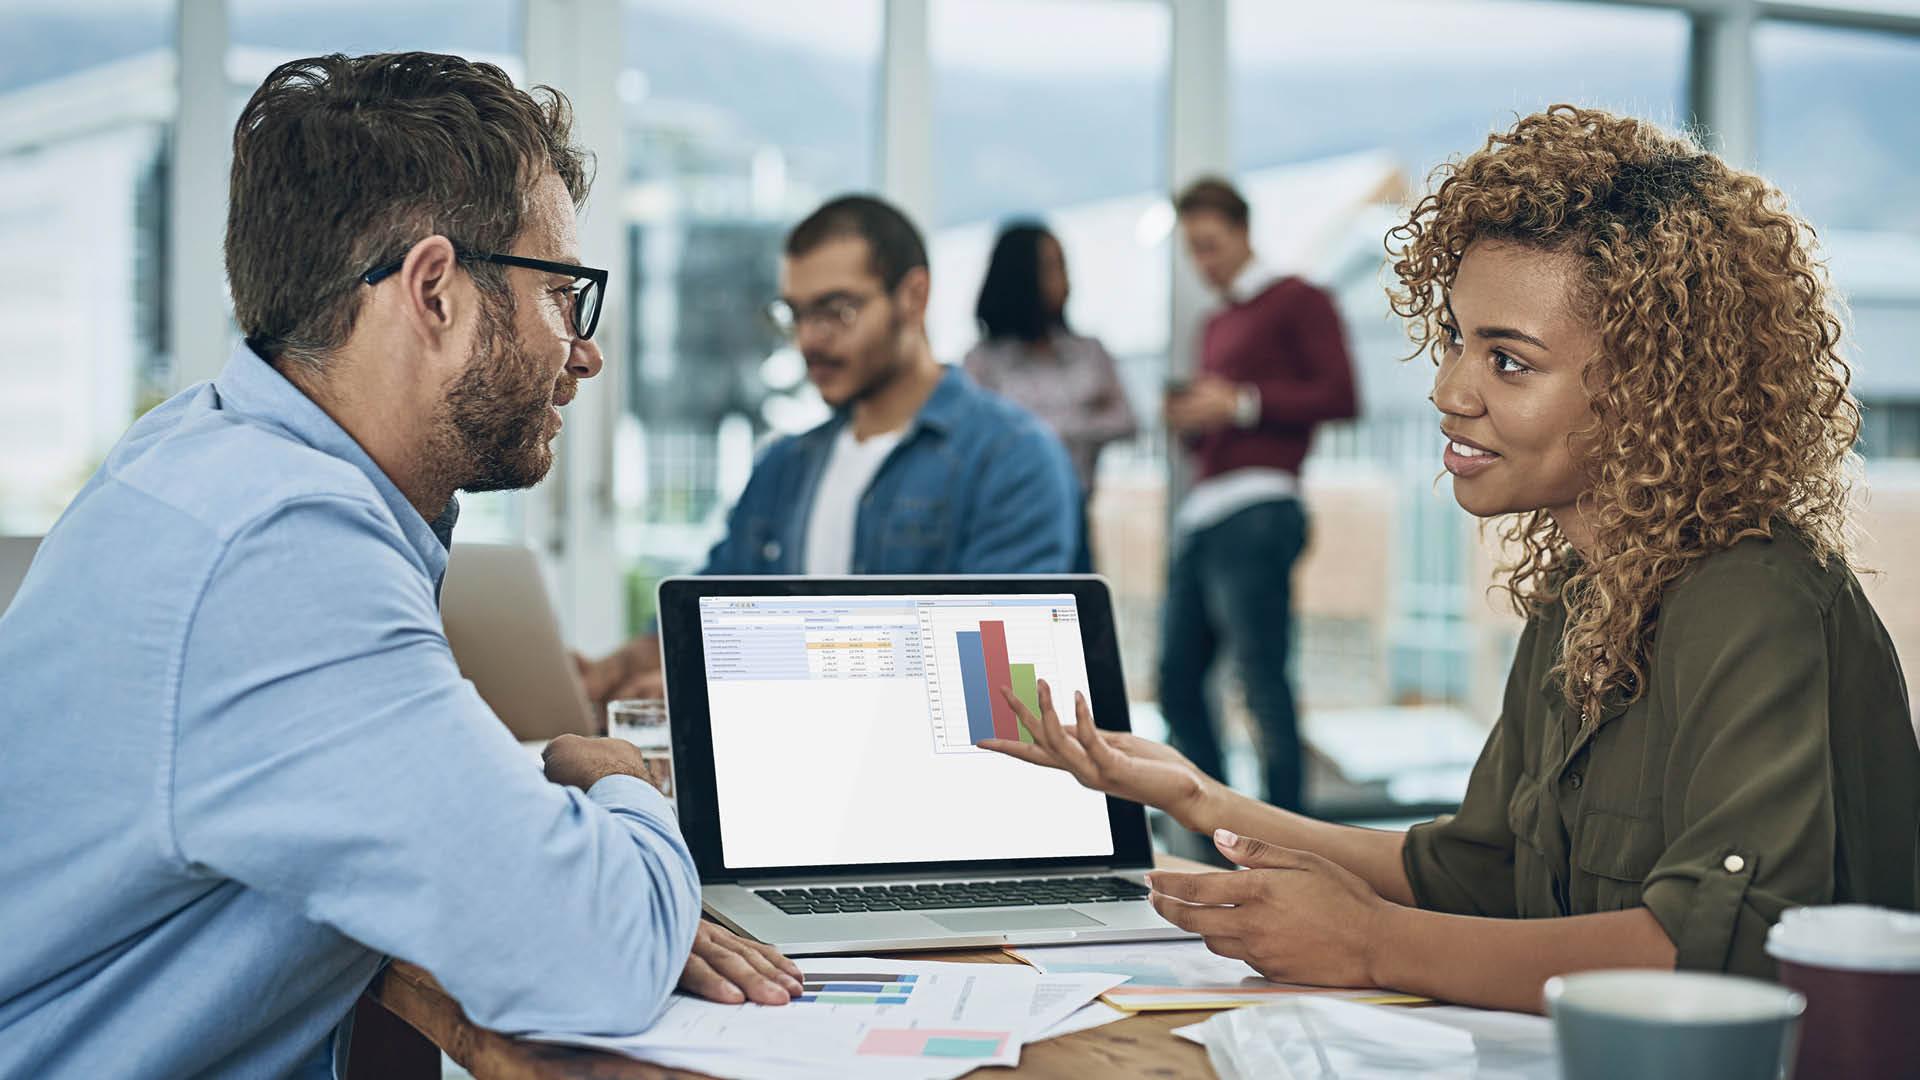 Vrouw legt man iets uit over Alure Practice Management op laptop